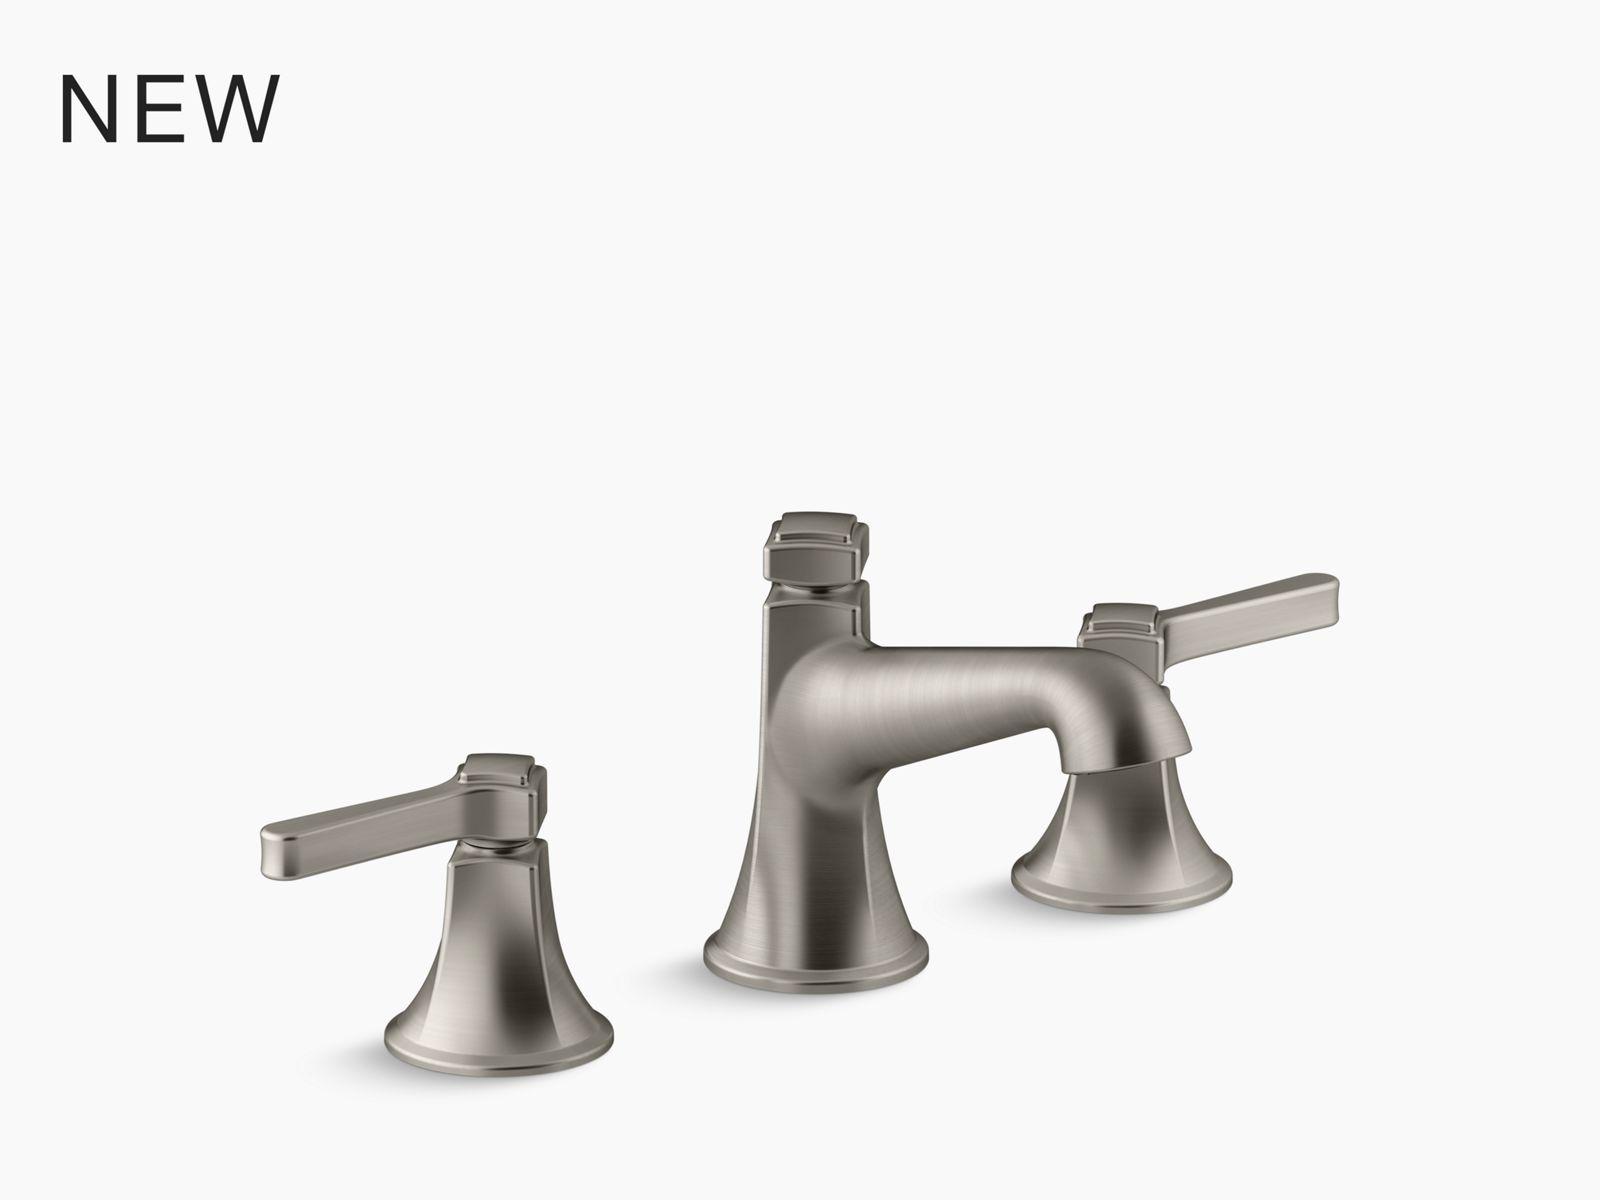 artifacts single handle kitchen sink faucet with 14 11 16 swing spout arc spout design